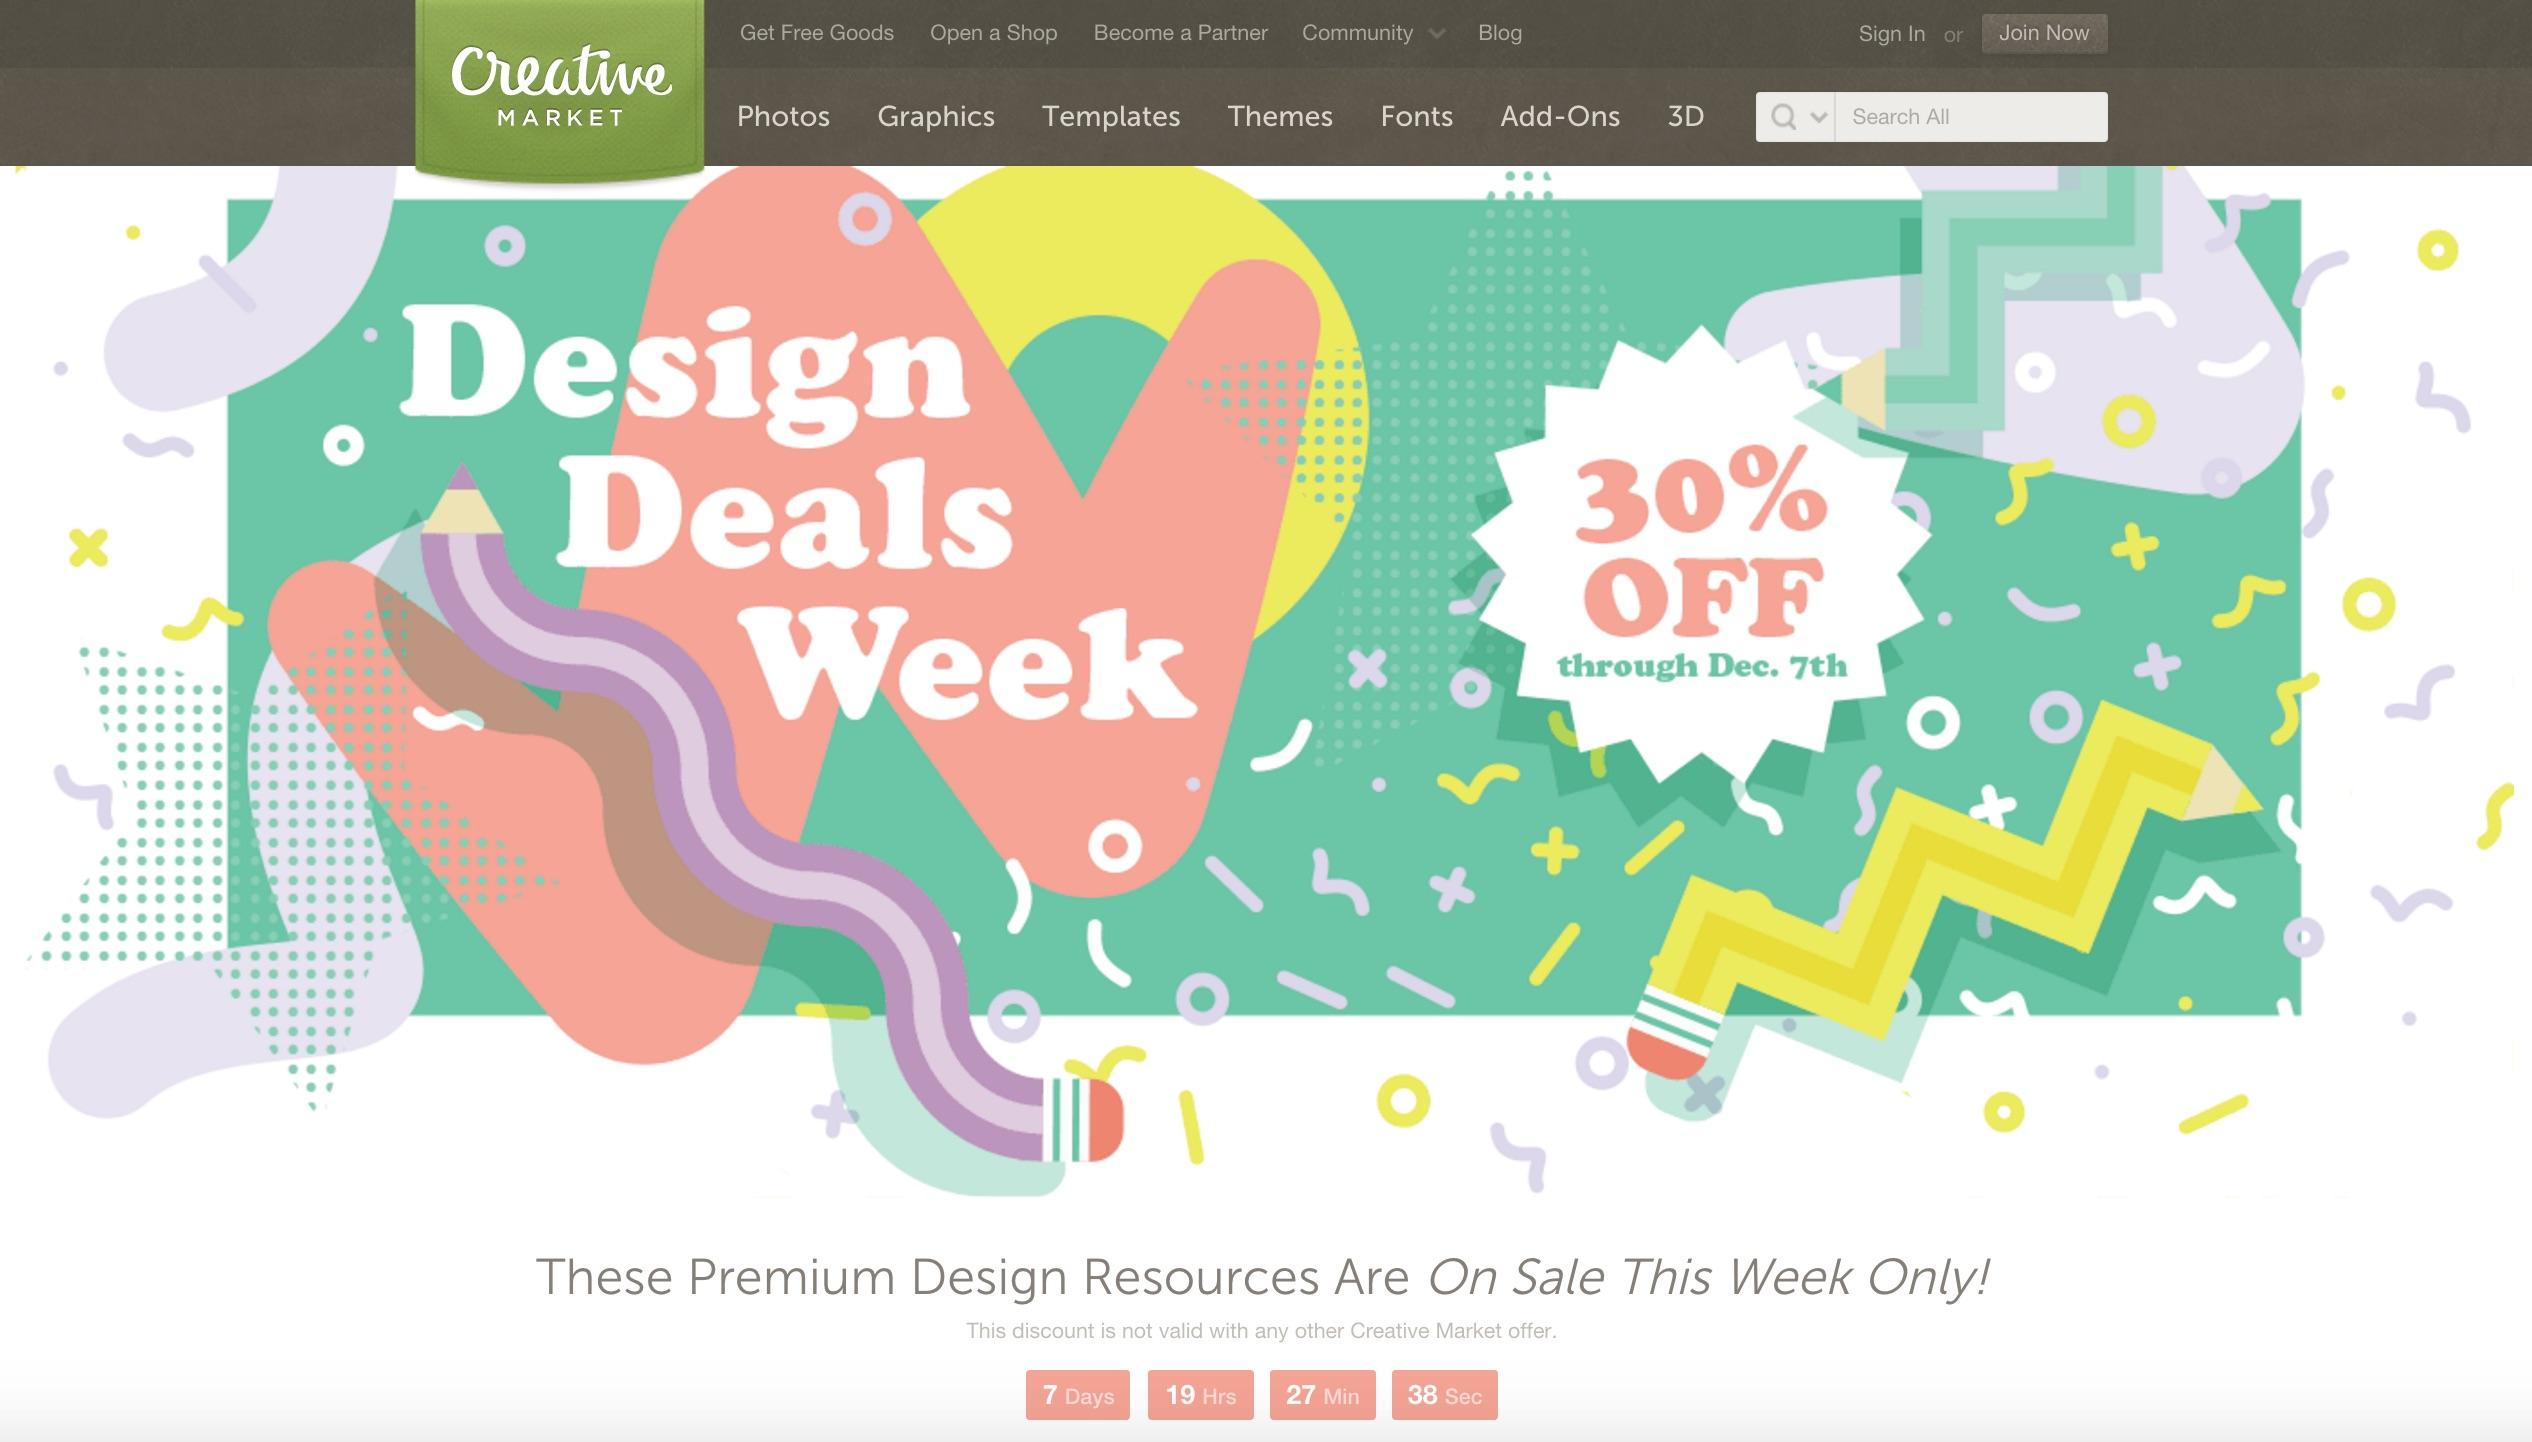 DesignDealsWeek